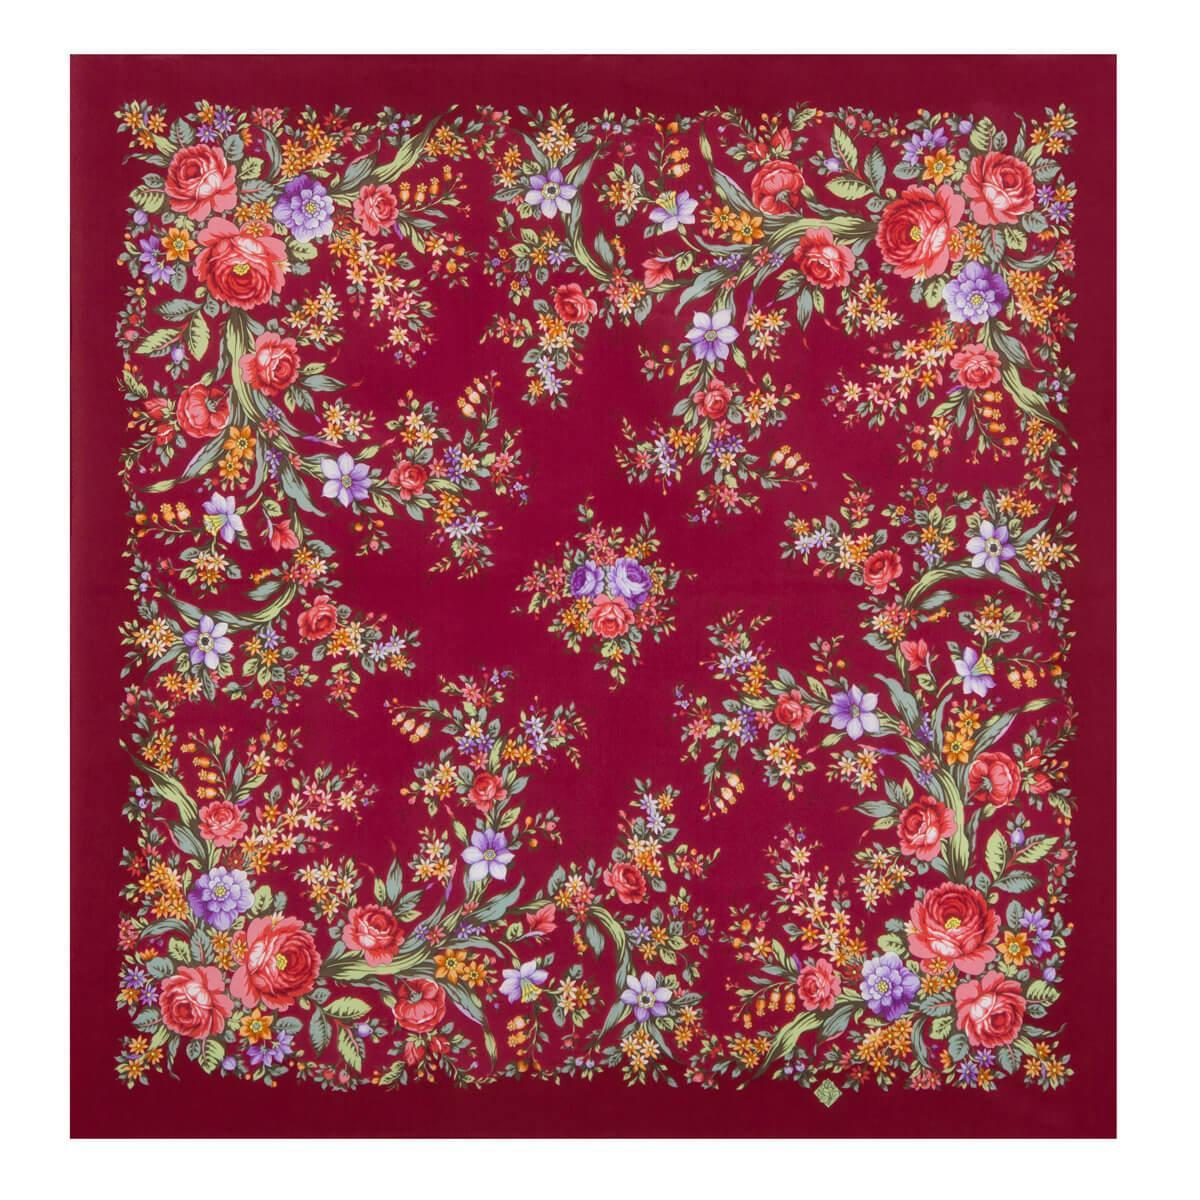 Шелковый платок Цветочное настроение 1732-6 (89х89см)